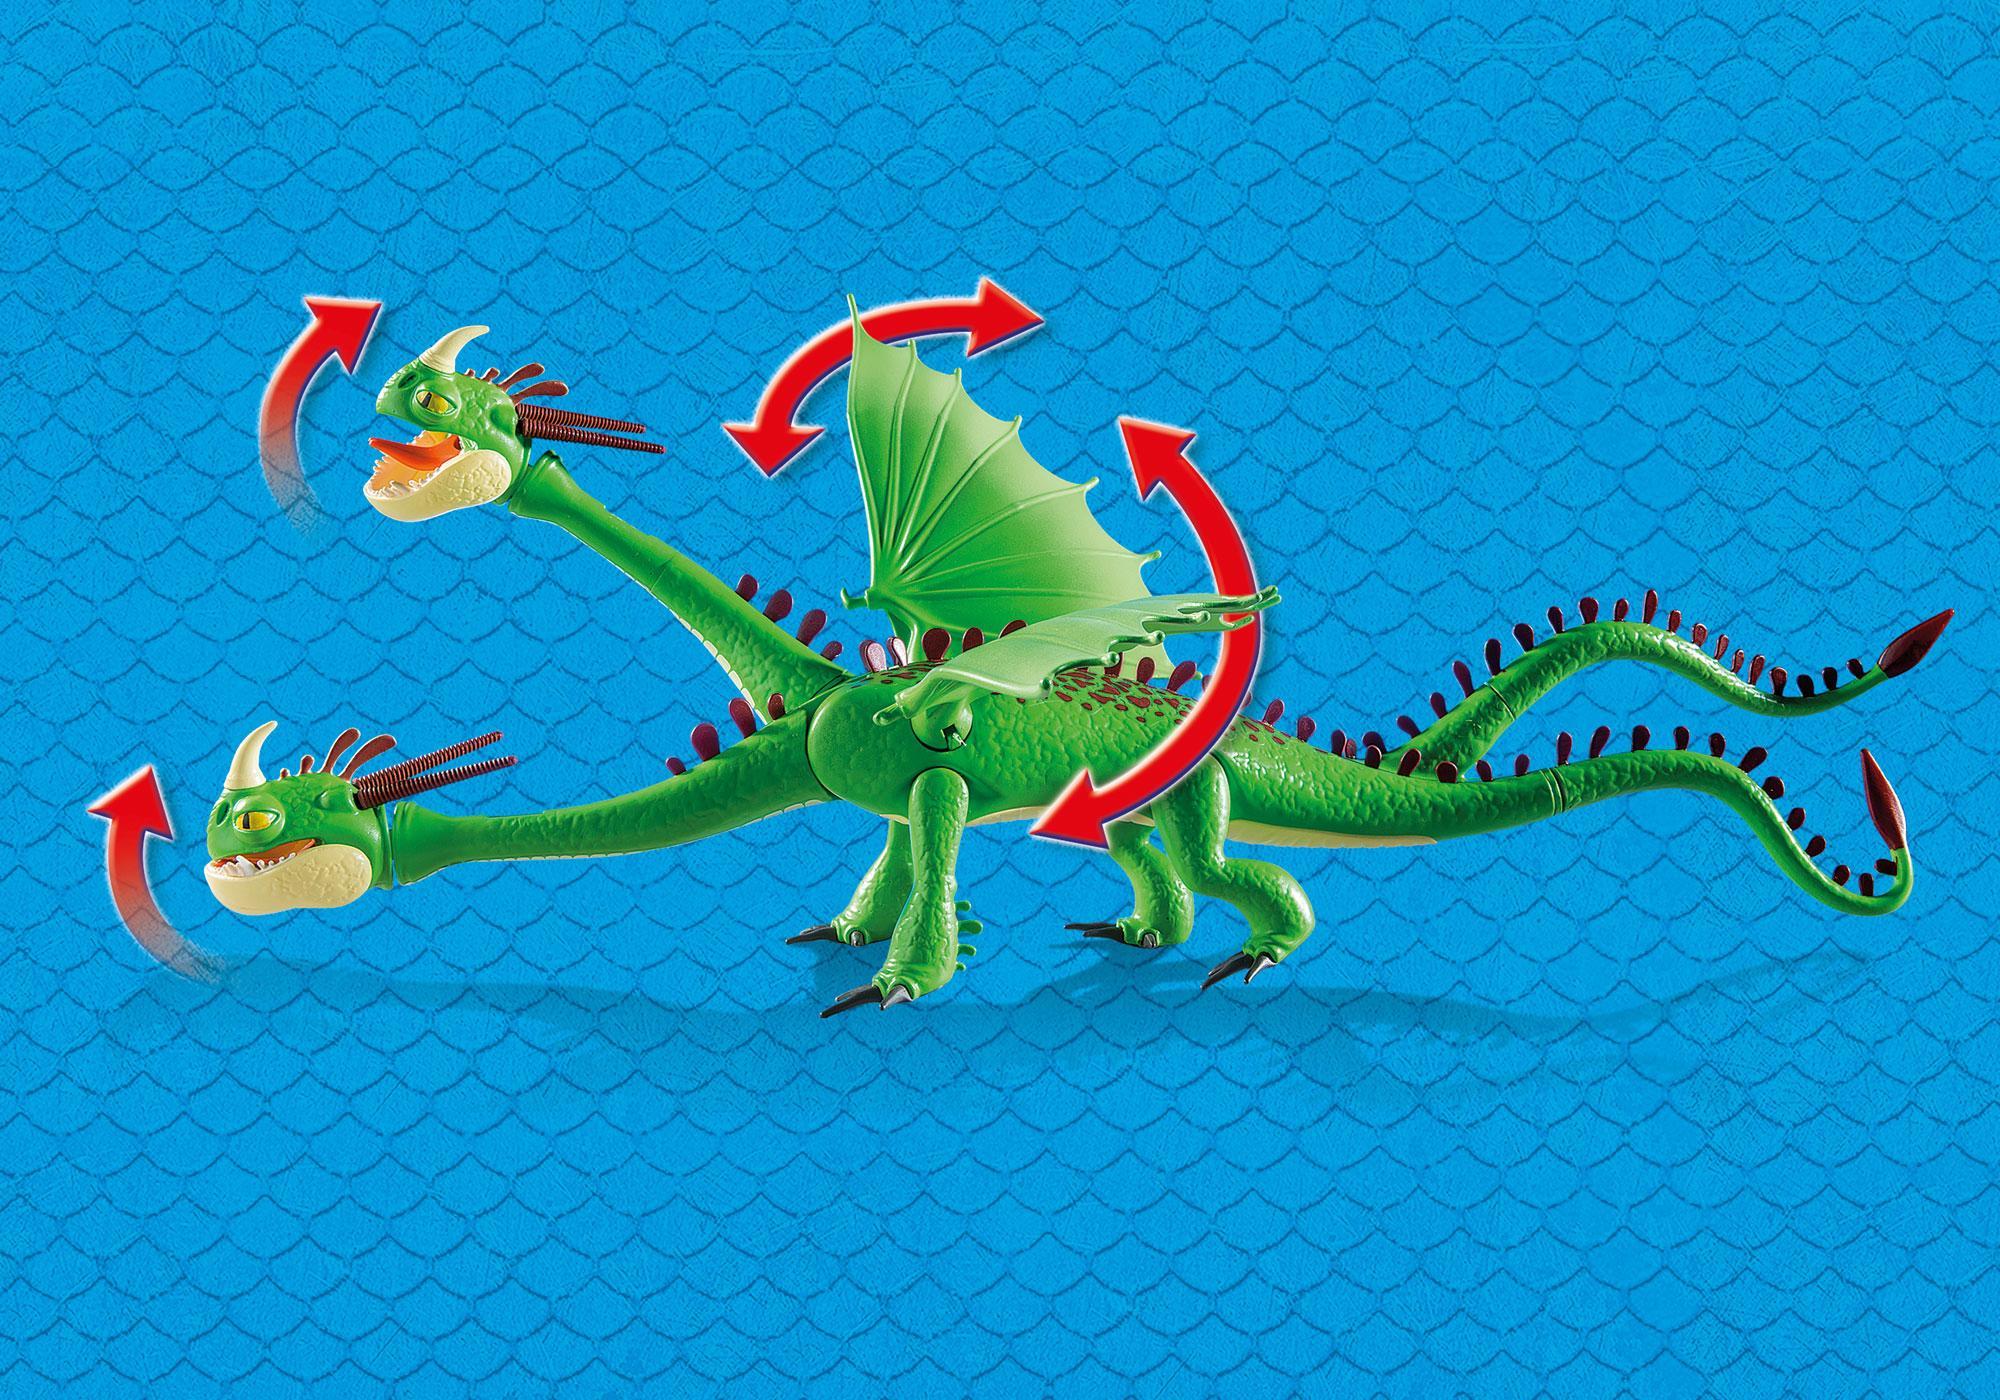 http://media.playmobil.com/i/playmobil/9458_product_extra1/Cabeçaquente e Cabeçadura com Dragão 2 Cabeças